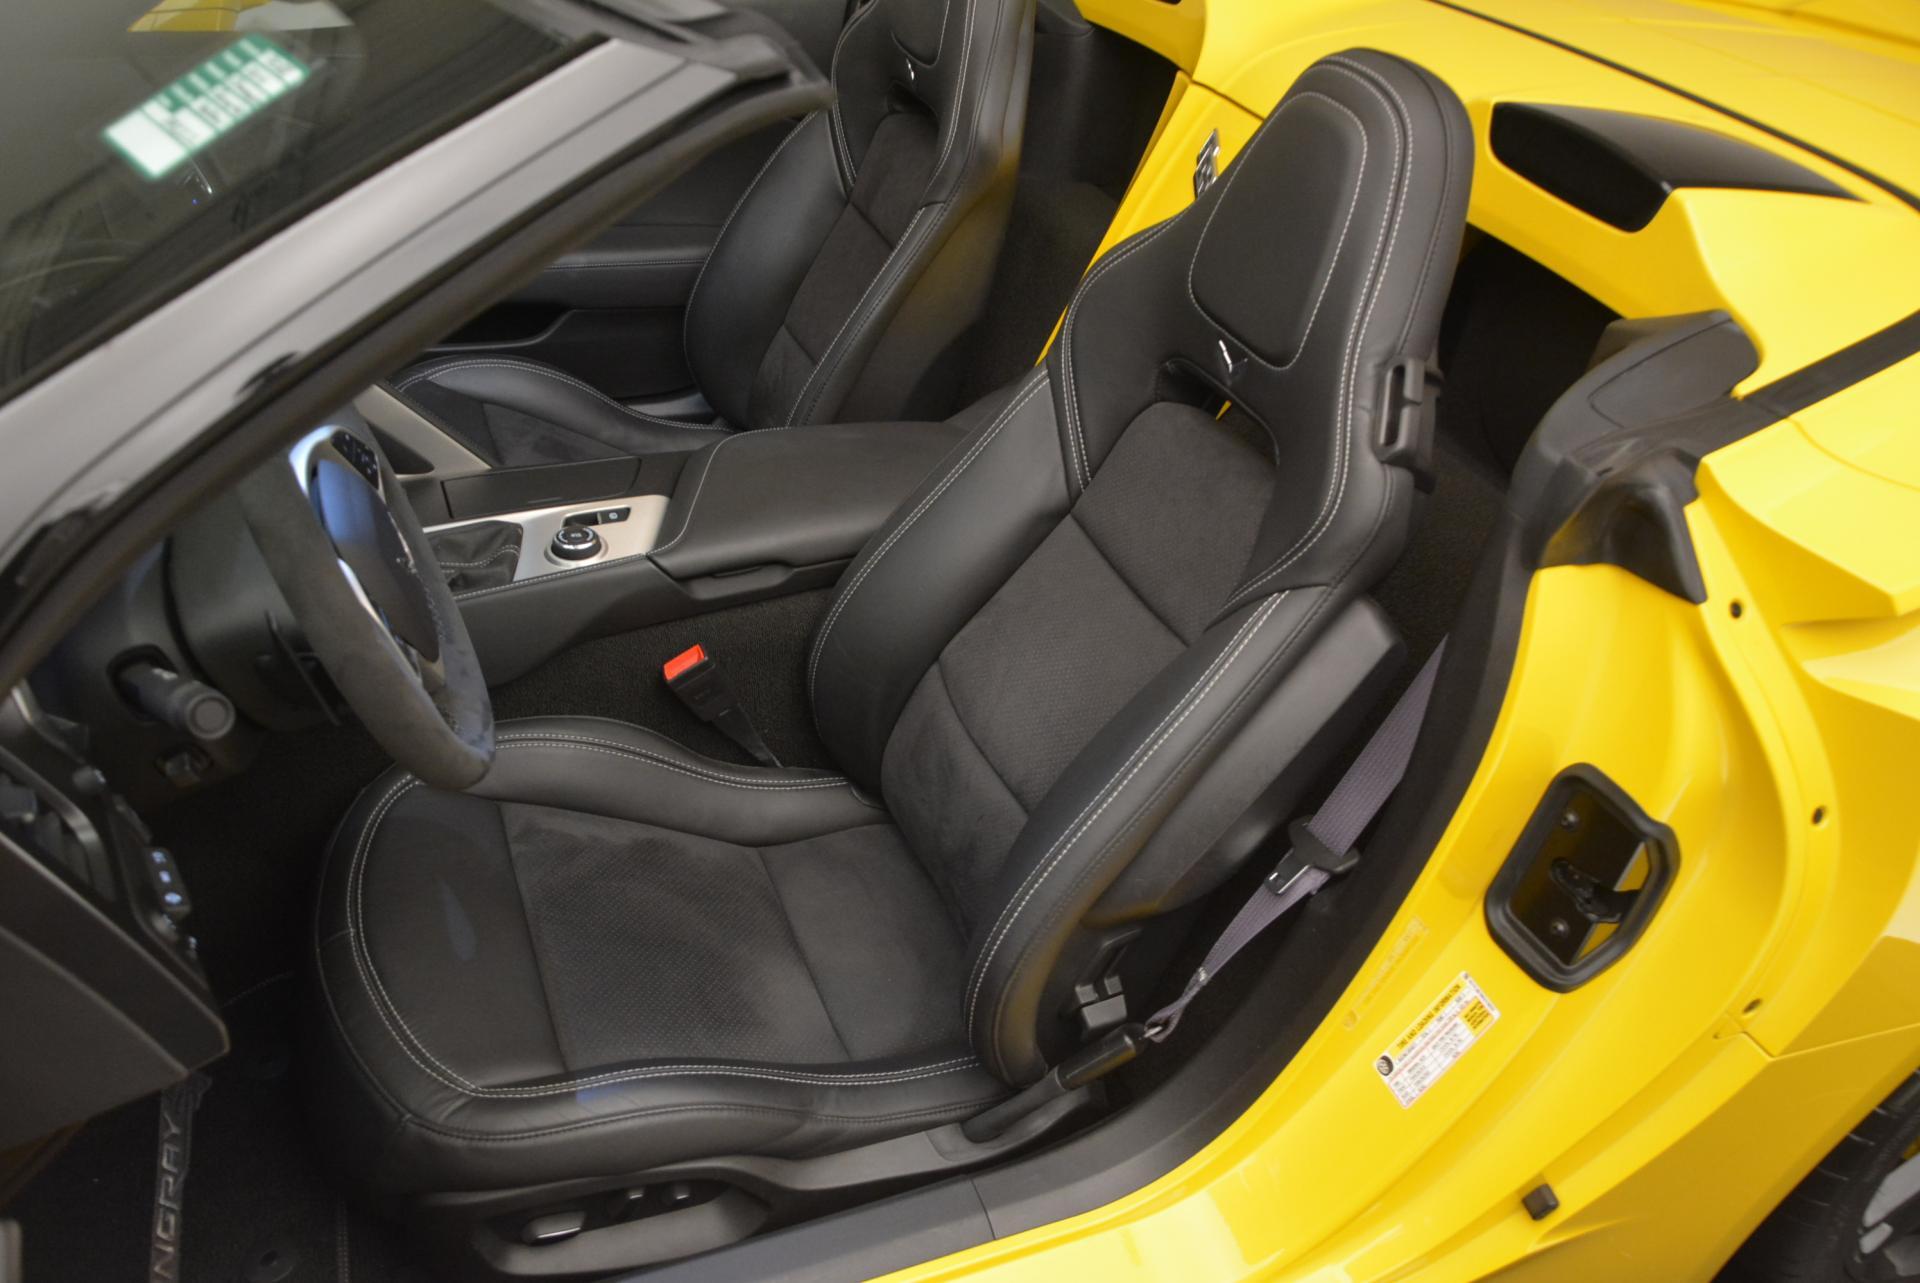 Used 2014 Chevrolet Corvette Stingray Z51 For Sale In Greenwich, CT. Alfa Romeo of Greenwich, 7088 523_p16